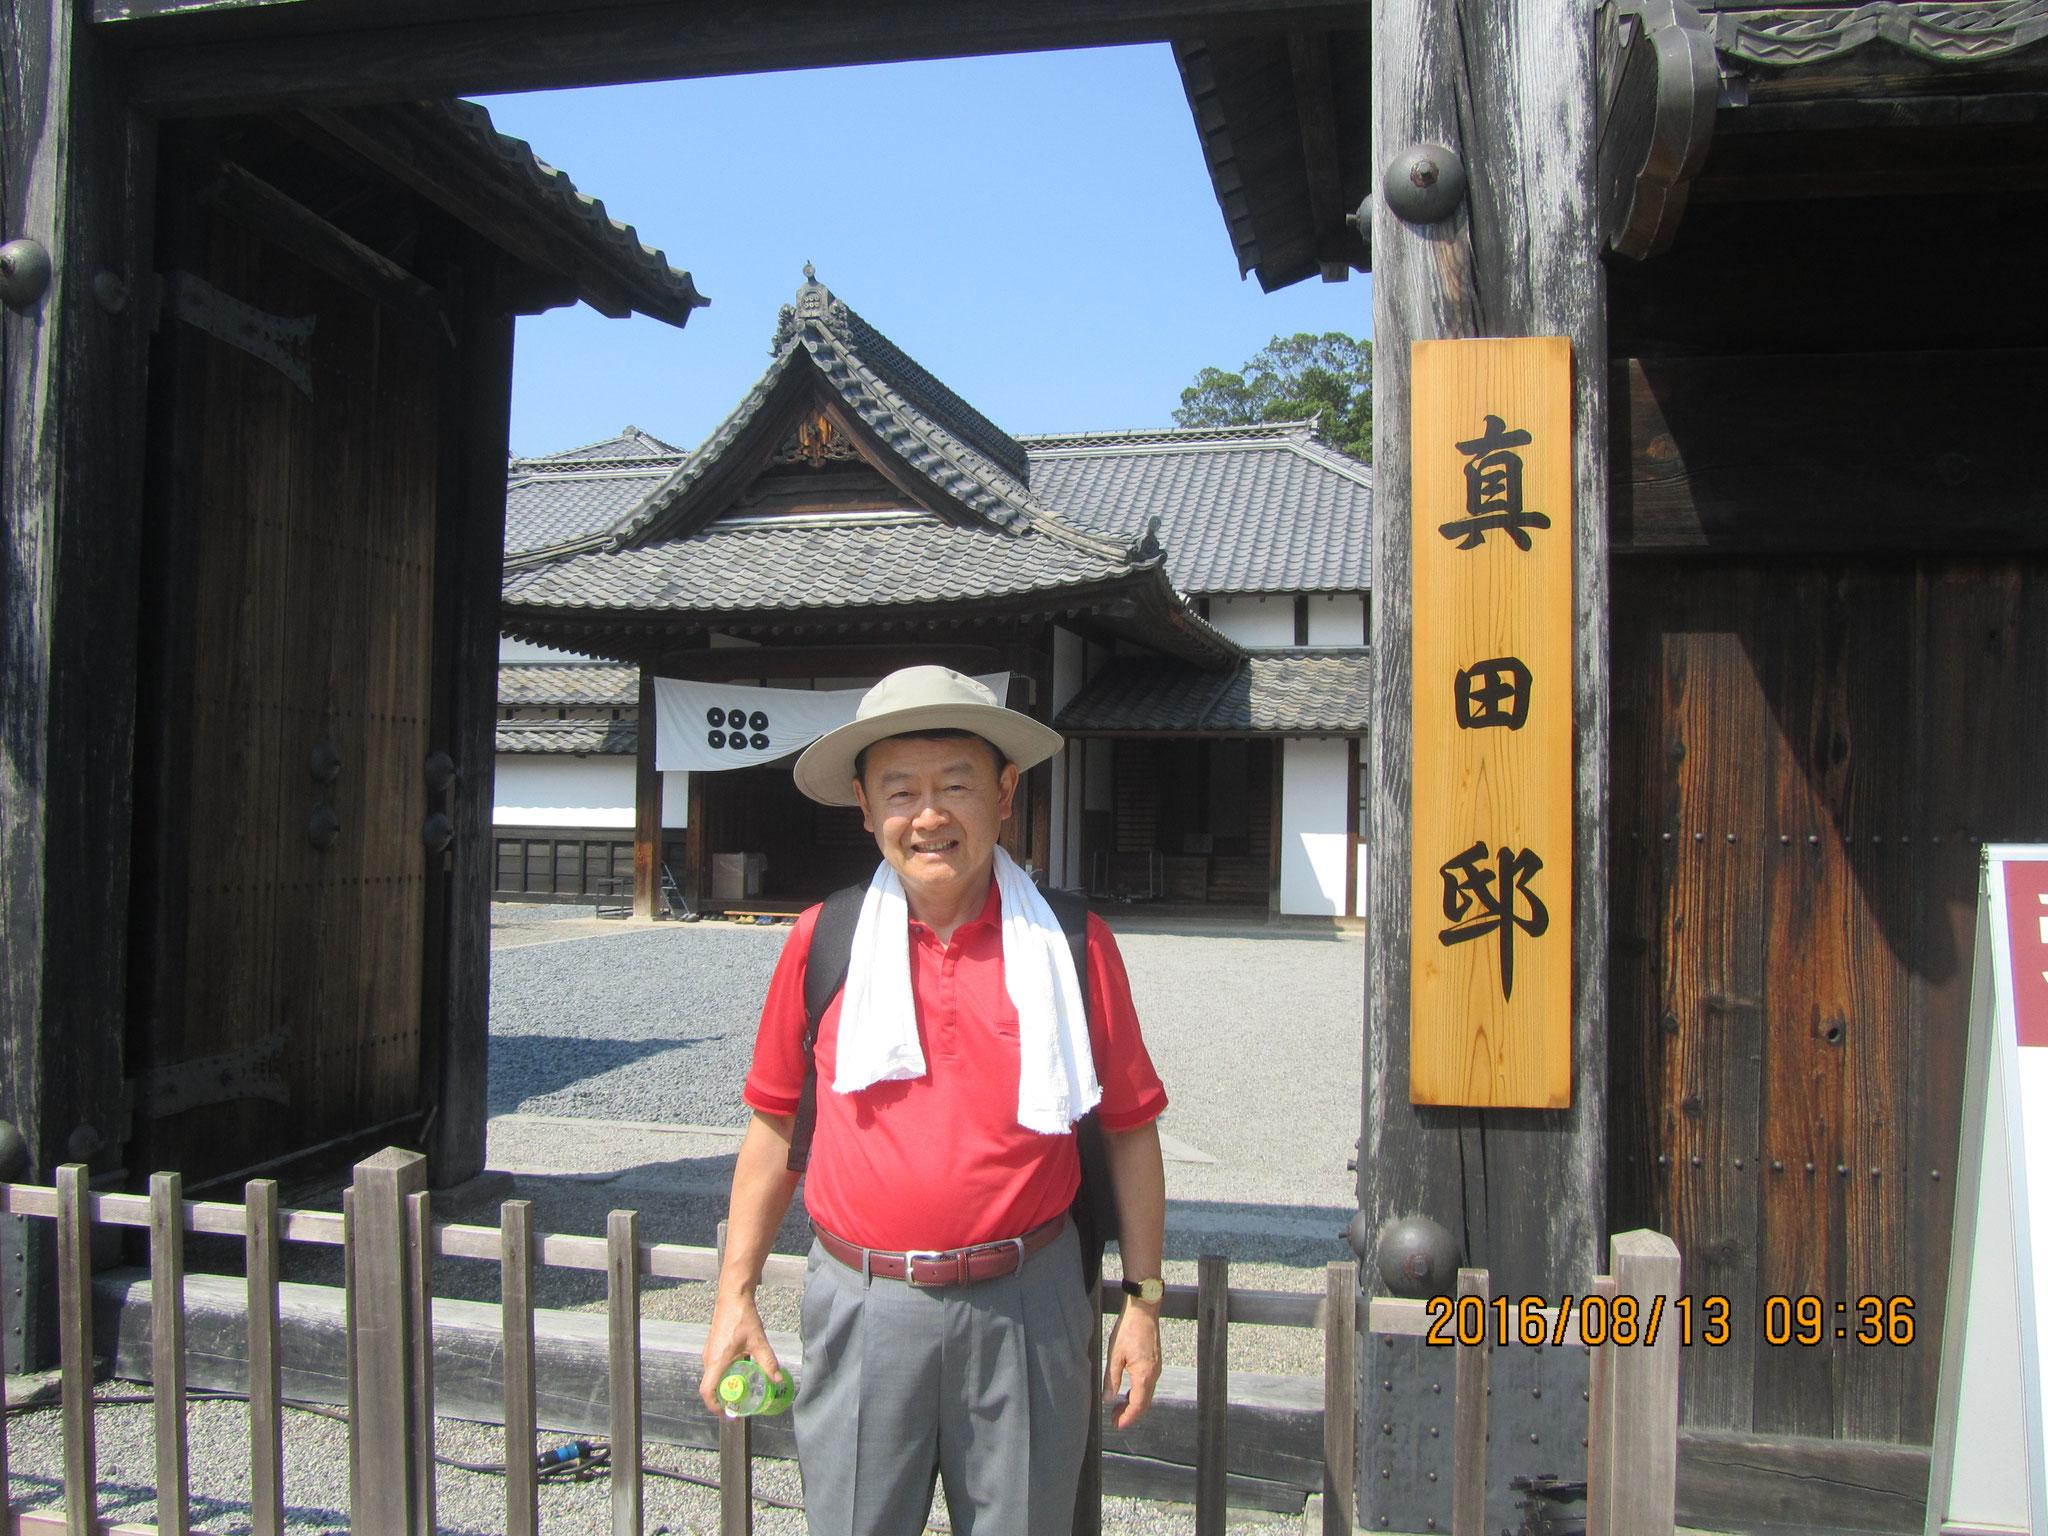 真田邸。松代城藩9代目藩主の真田 幸教(ゆきのり)が松代城三の堀南部に建てた別邸。